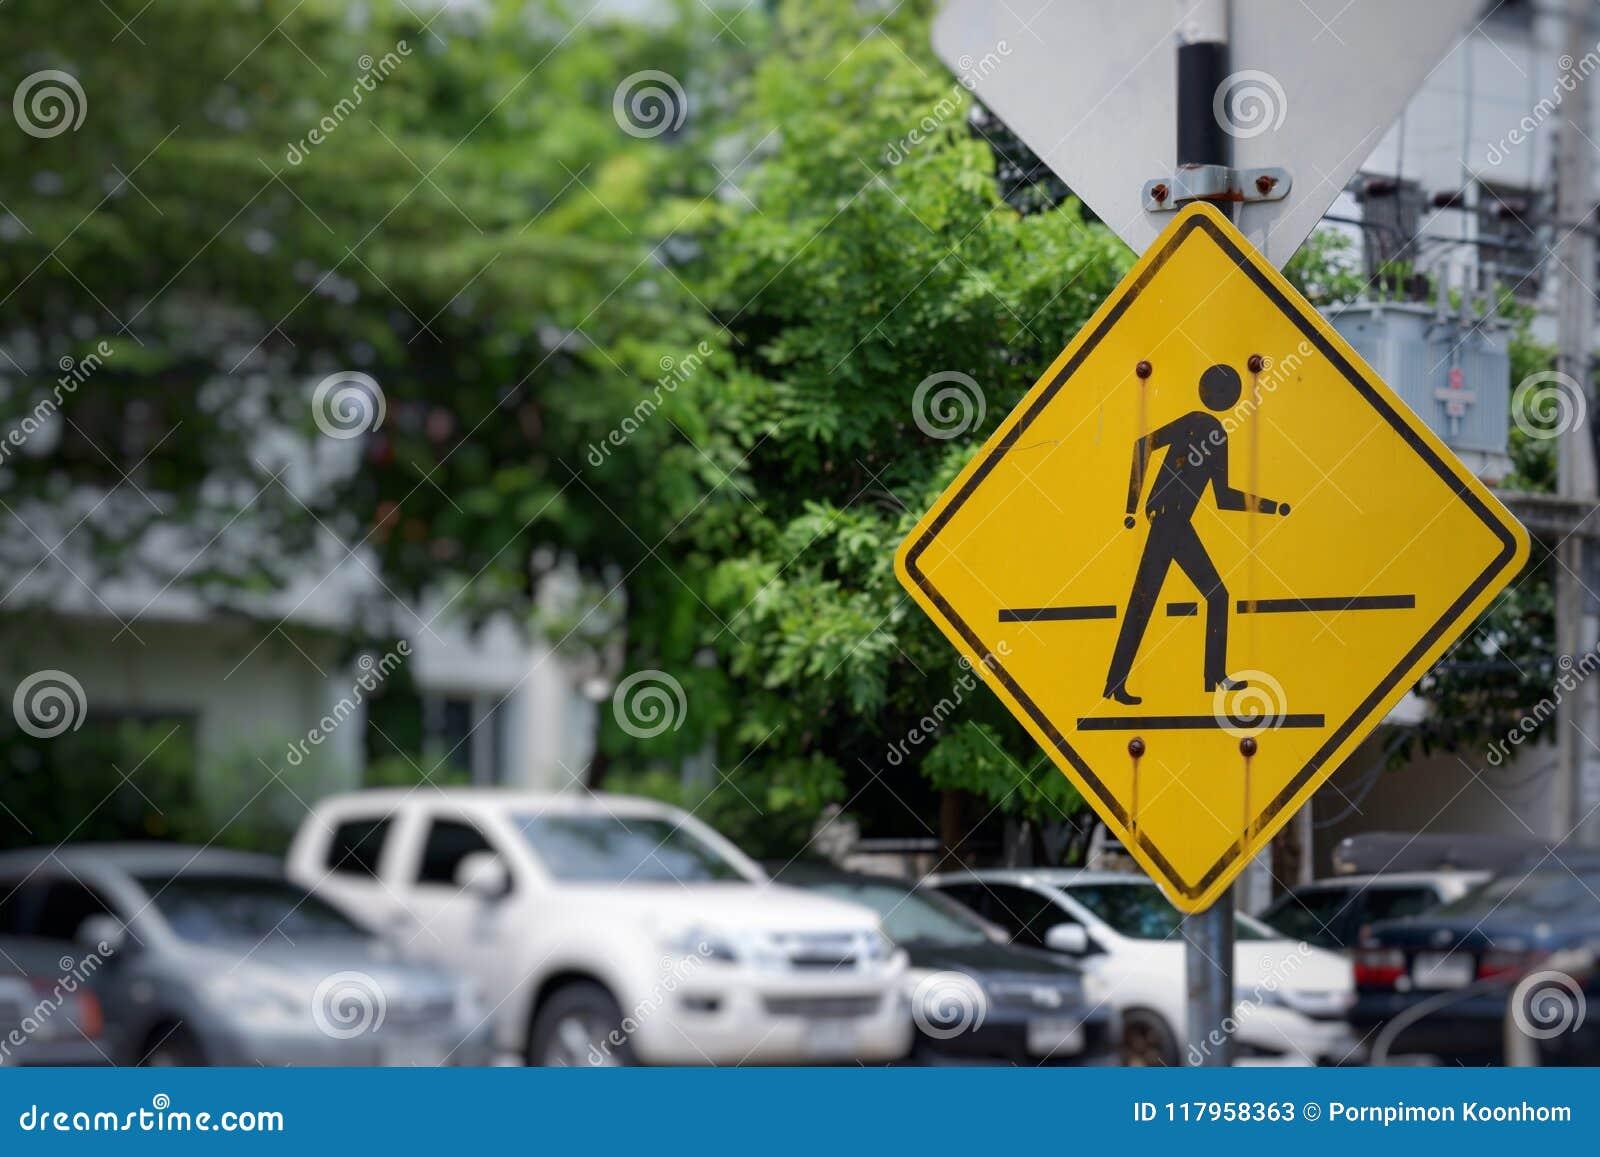 Trafiktecken för att korsa vägen